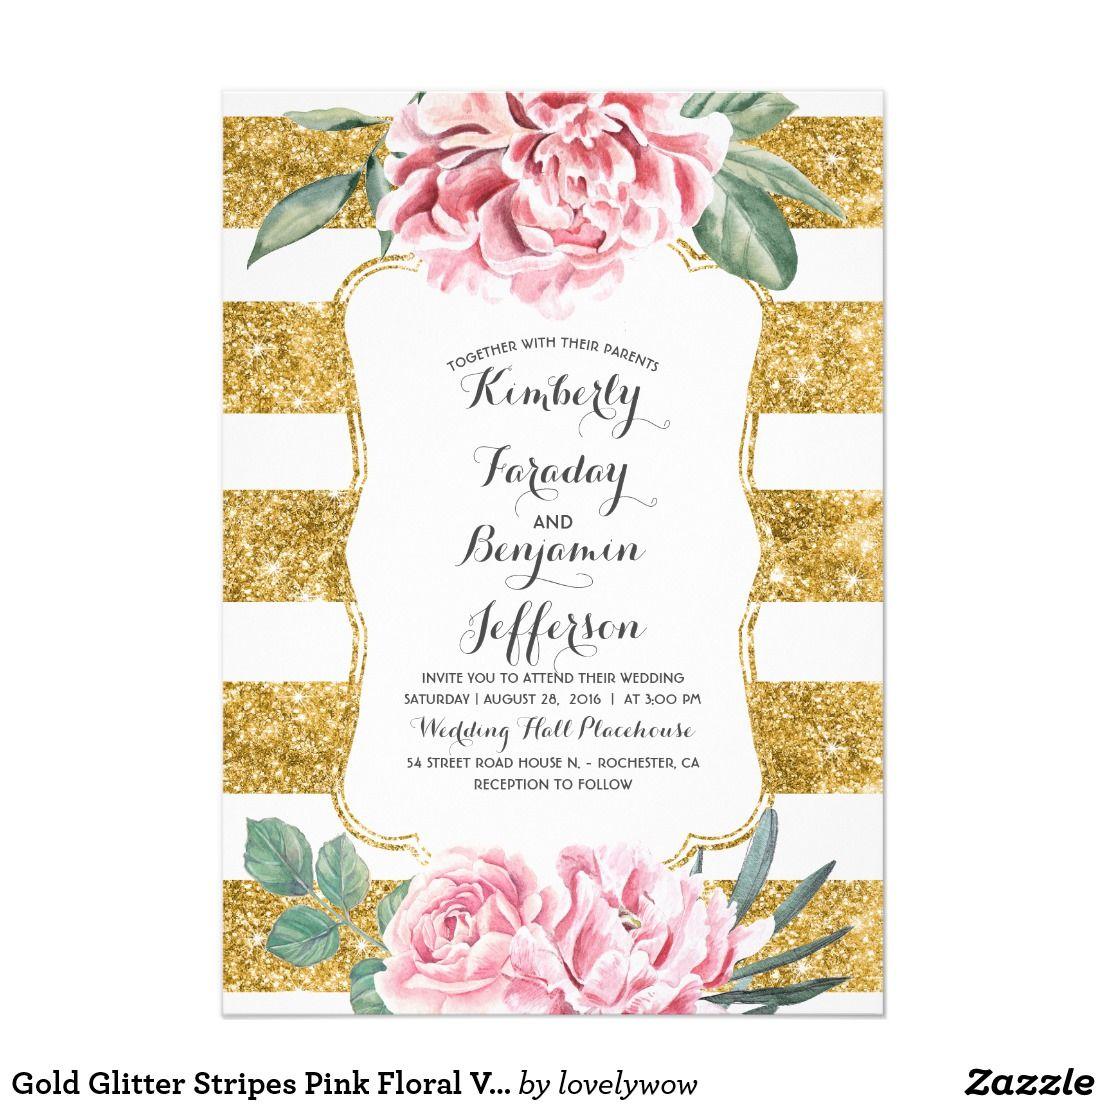 Gold Glitter Stripes Pink Floral Vintage Wedding Card | Gold glitter ...